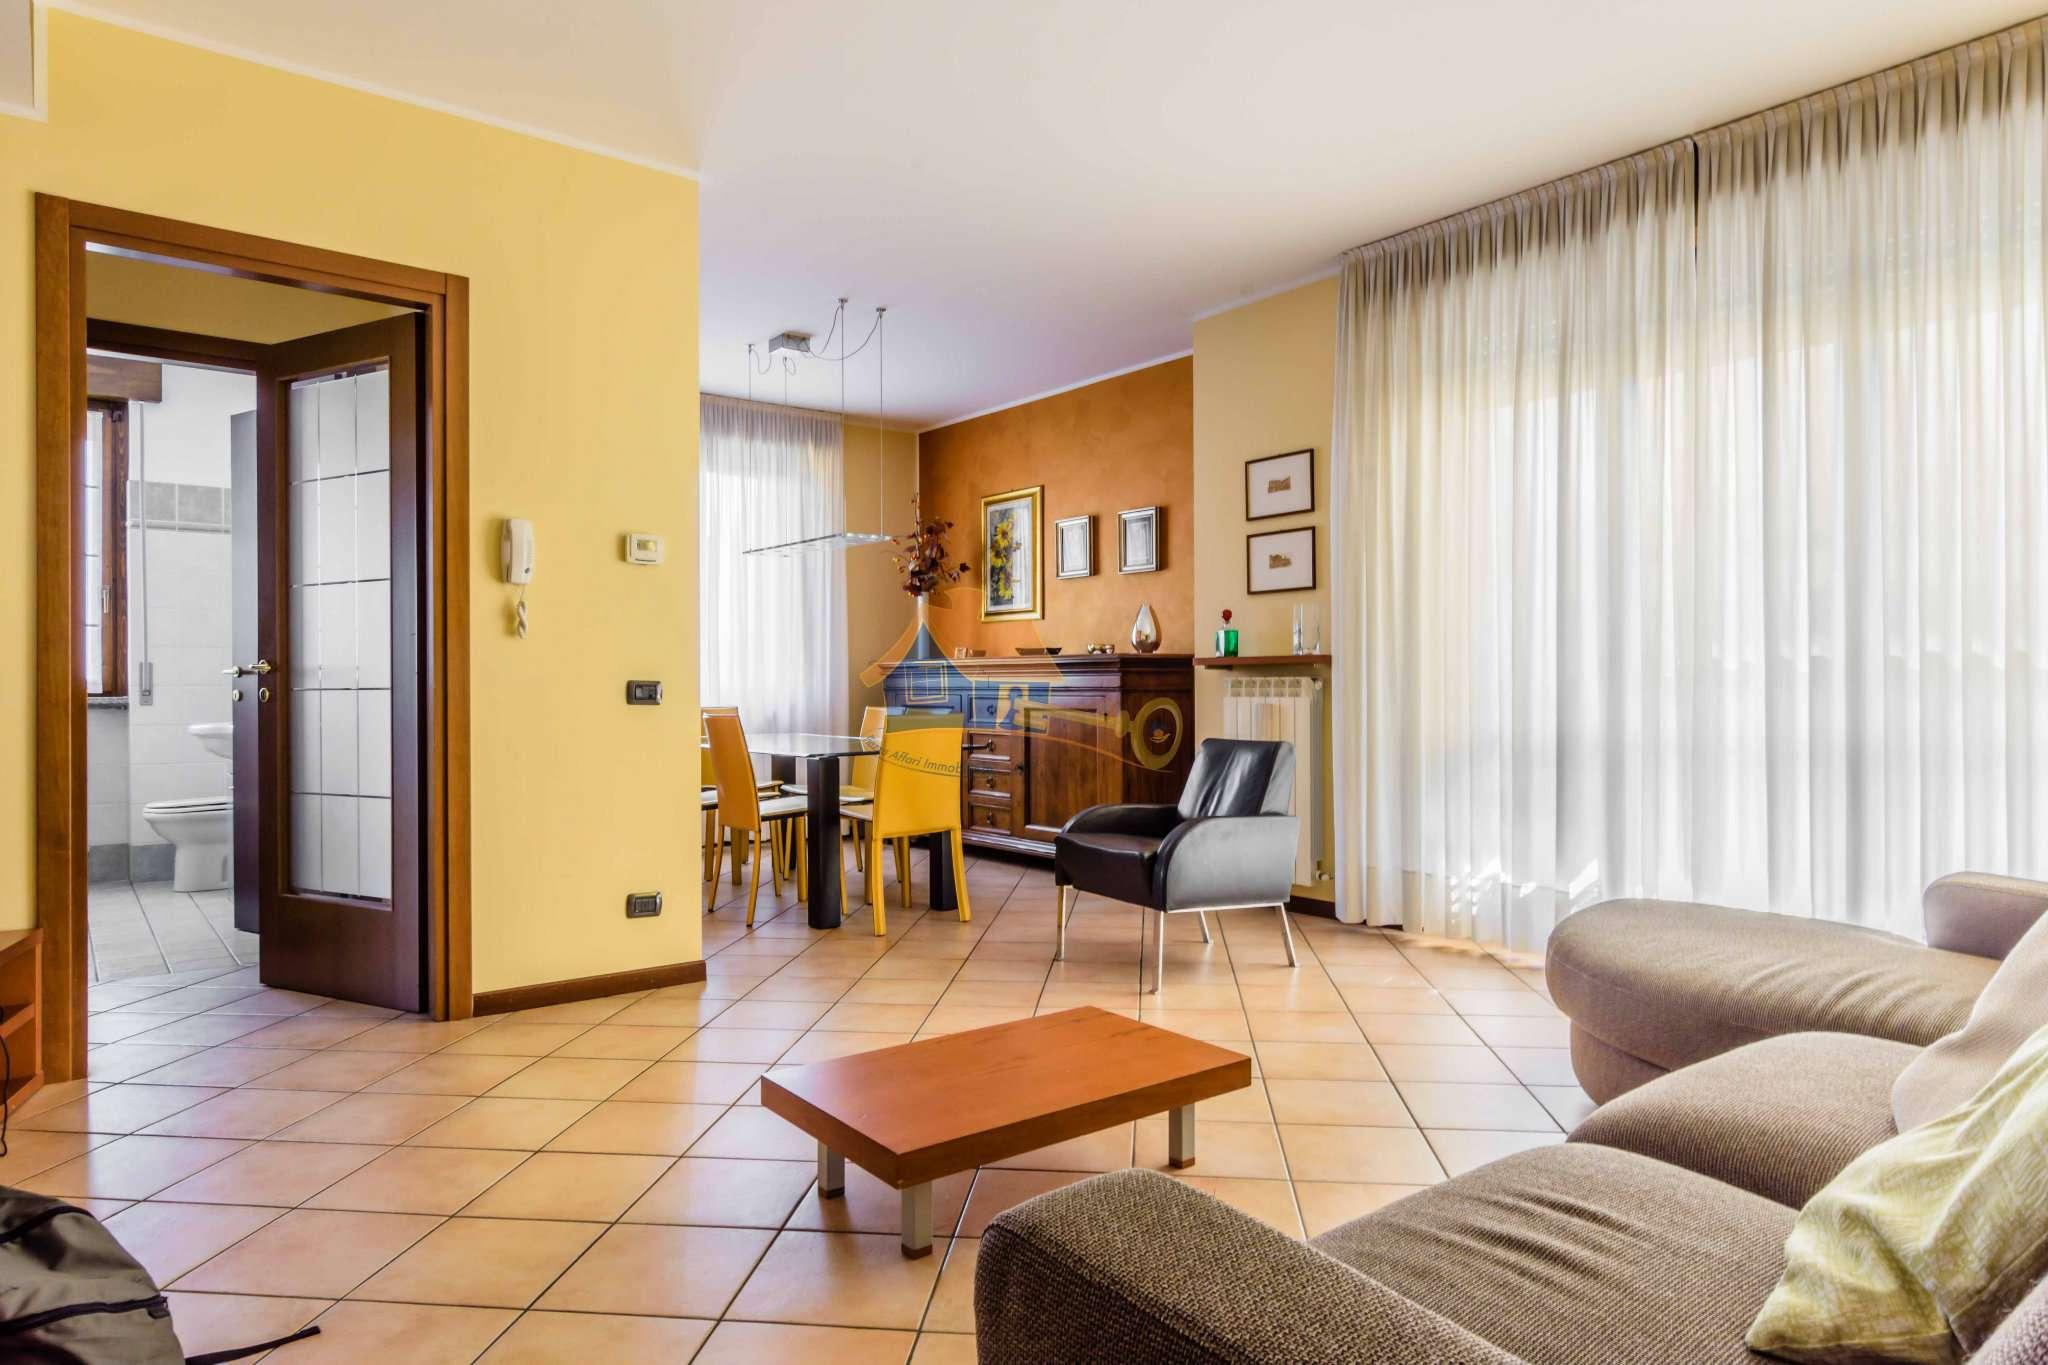 Appartamento in vendita a Carnago, 3 locali, prezzo € 178.000 | Cambio Casa.it